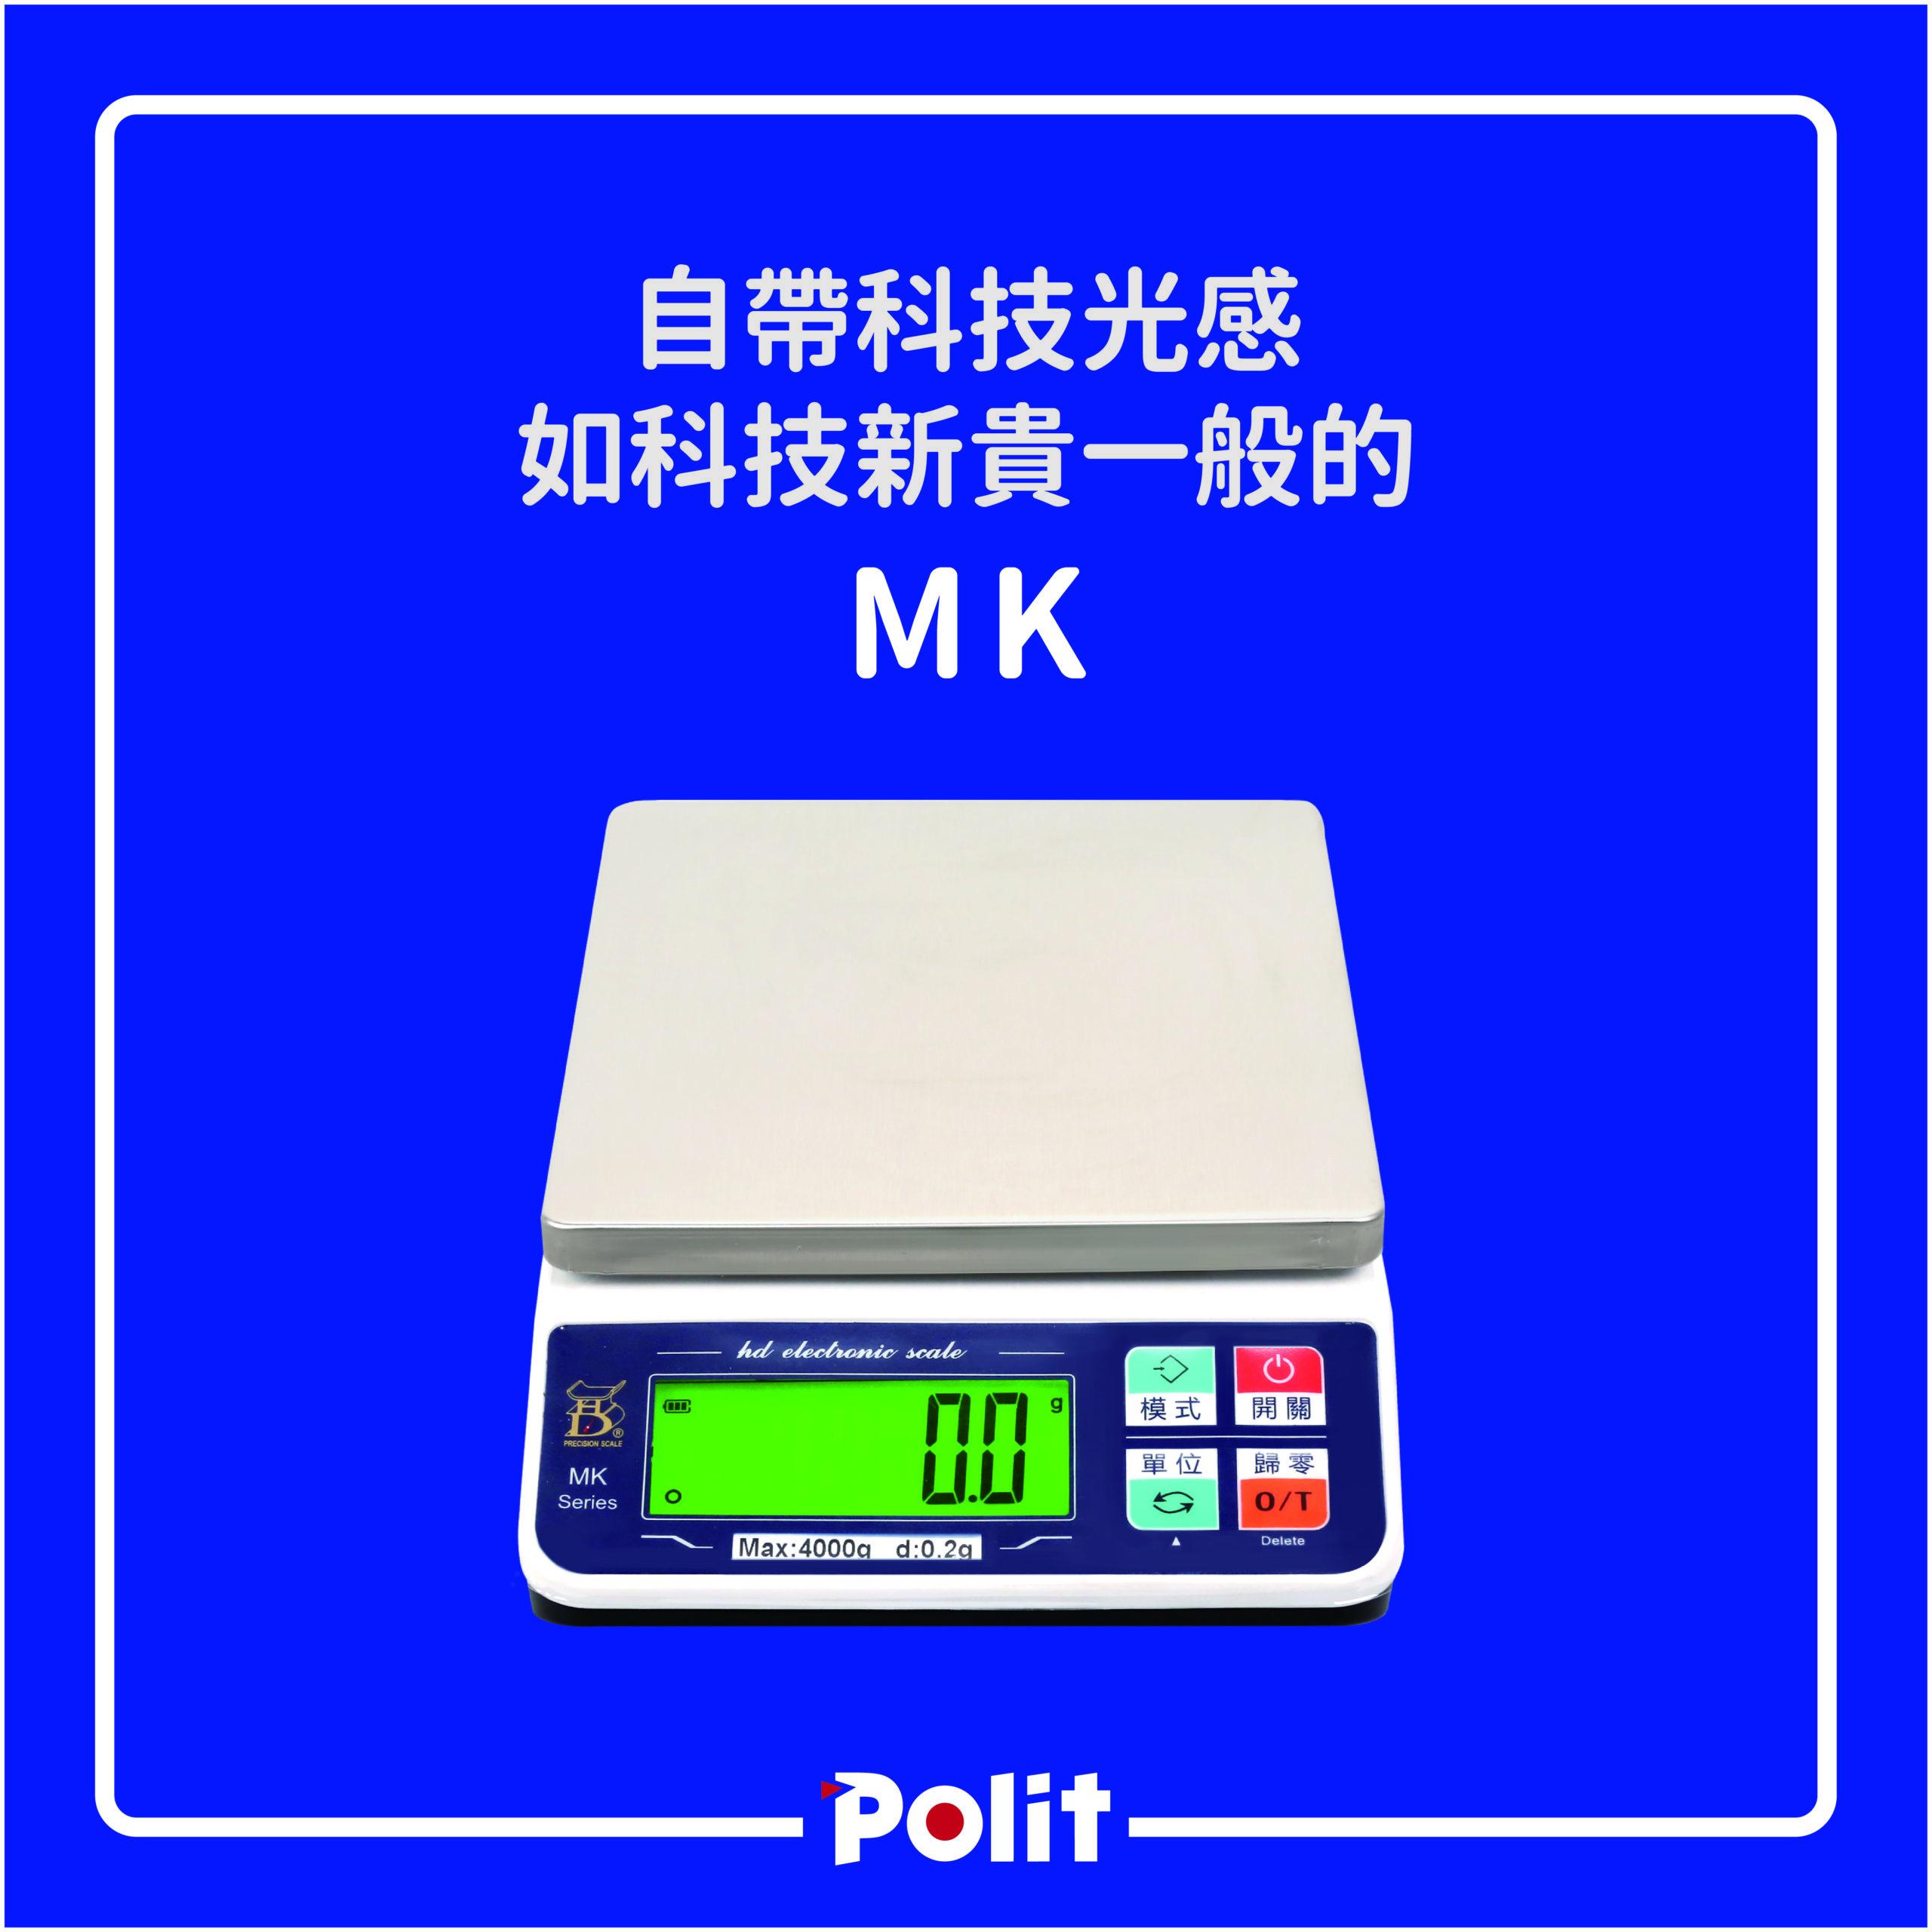 MK電子秤 | 沛禮國際